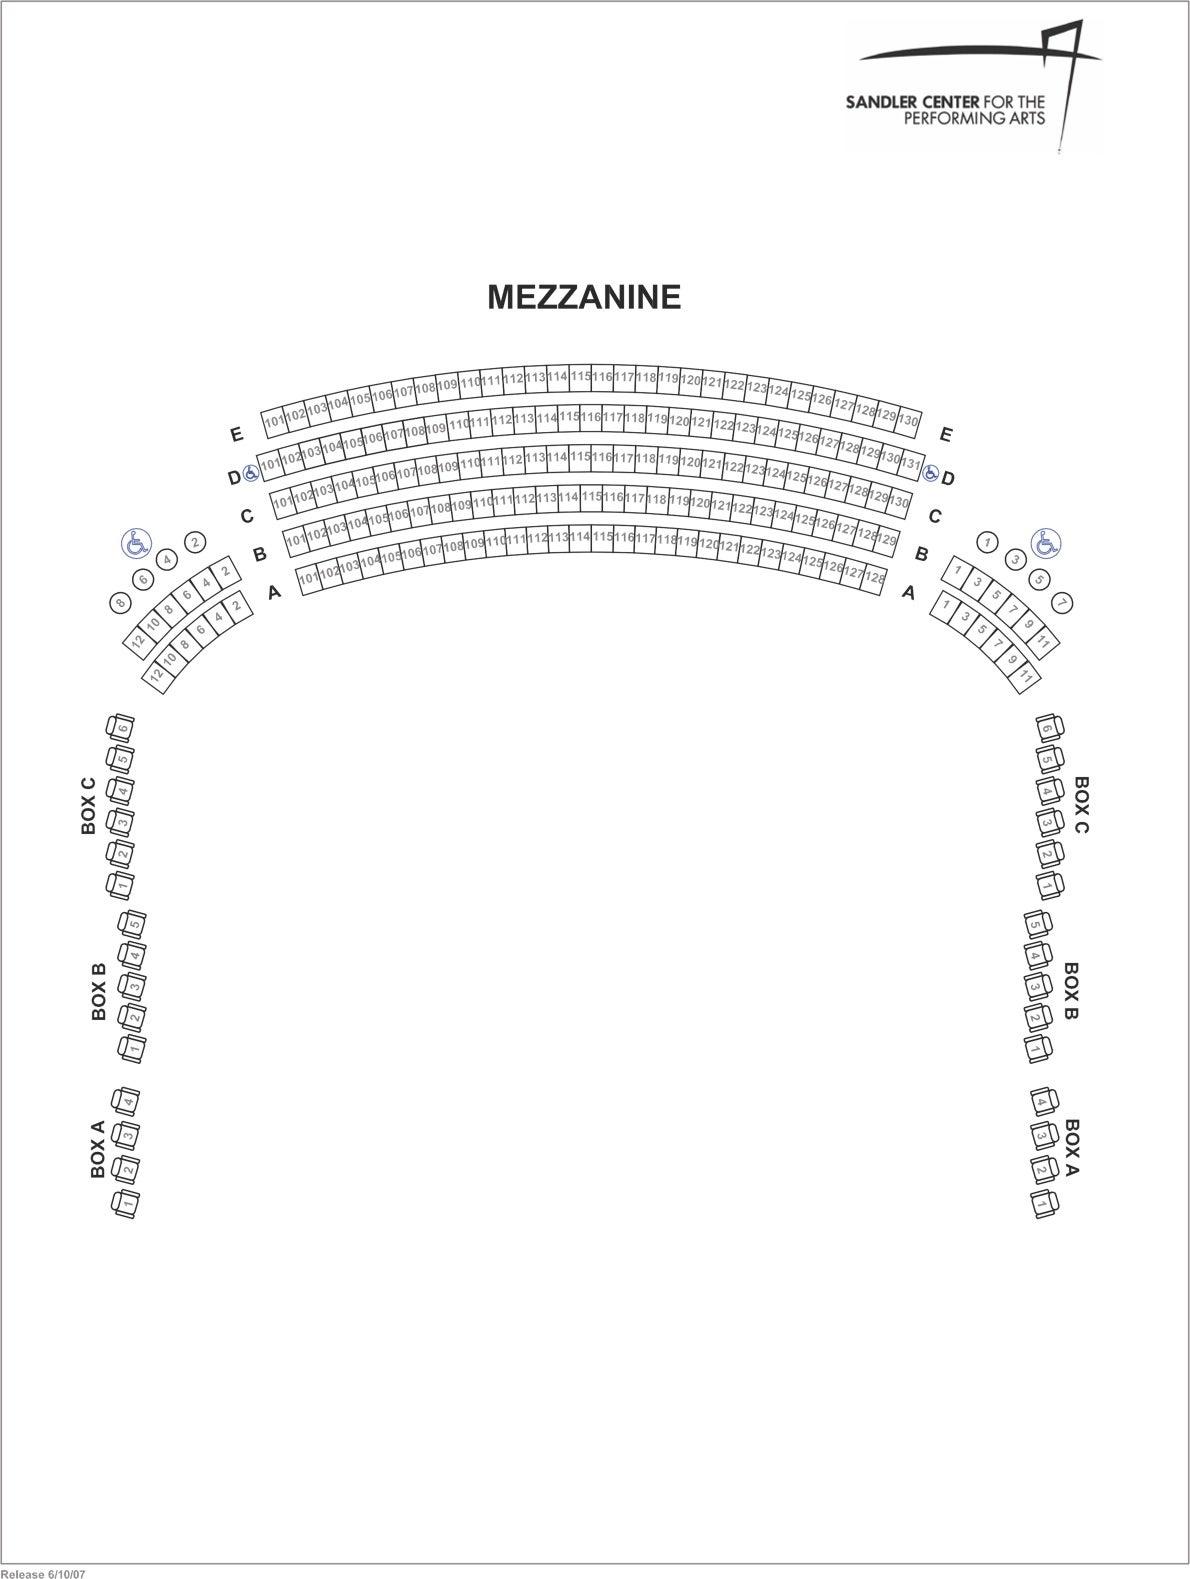 Mezzanine Seating